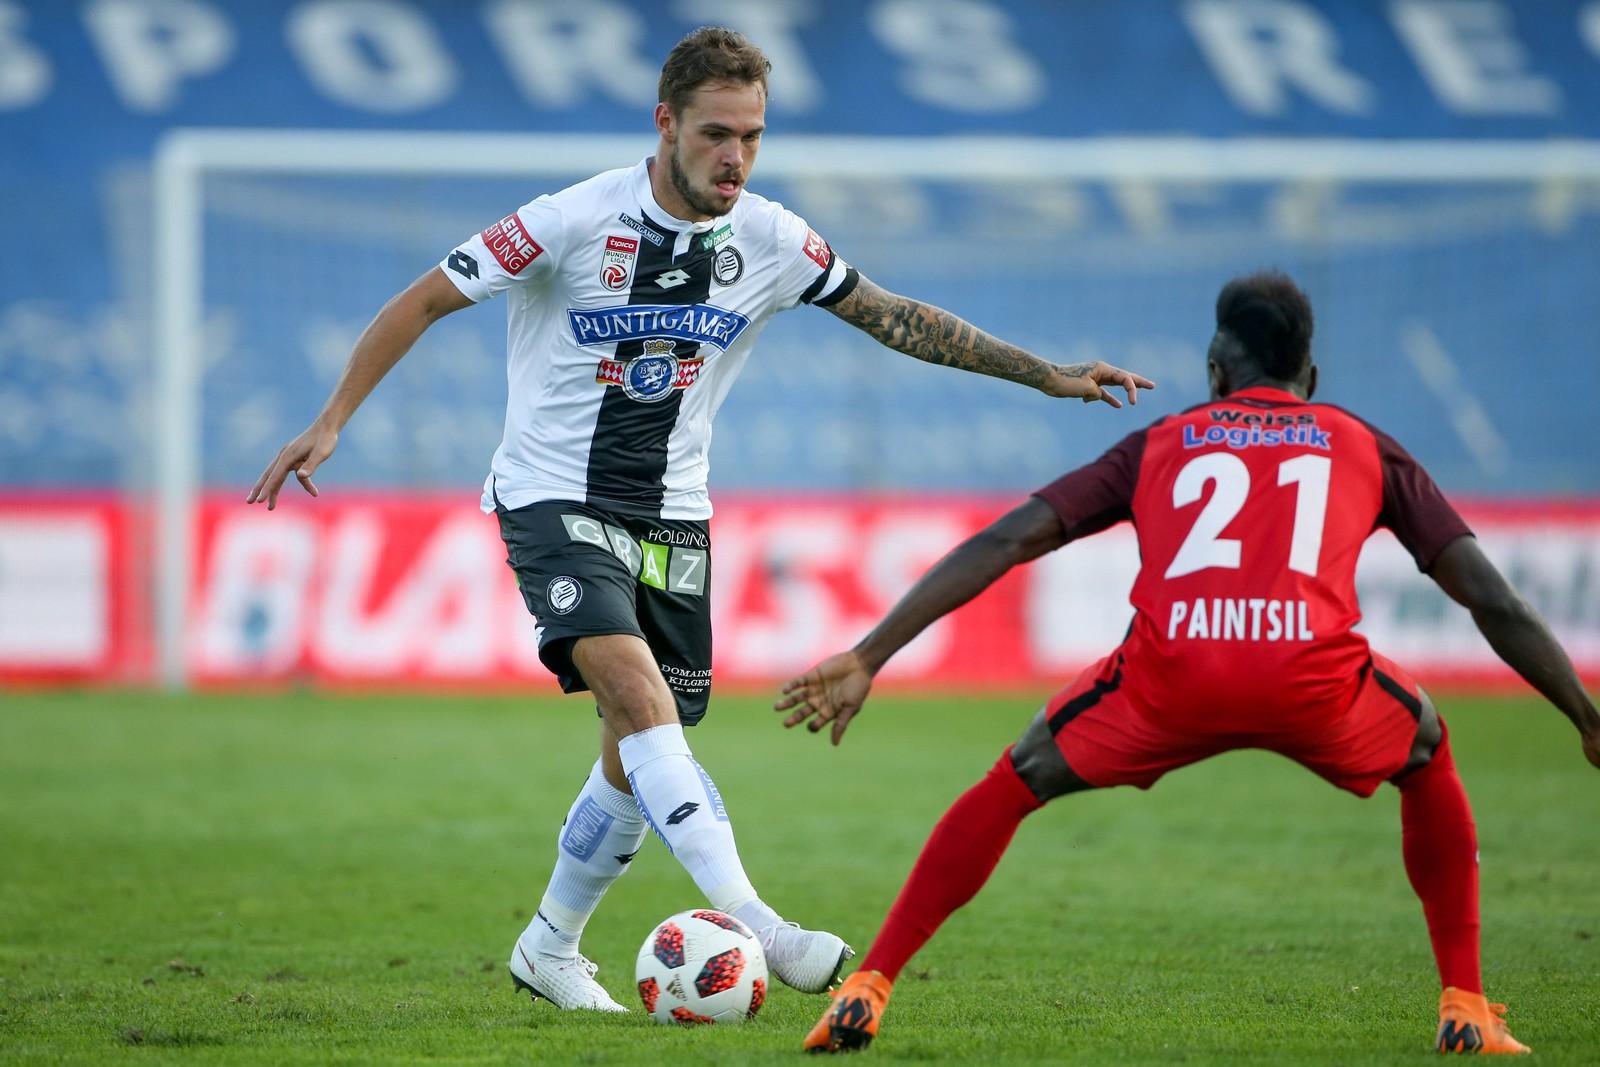 Lukas Spendlhofer verpasste in Graz bislang keine einzige Pflichtspiel-Minute.